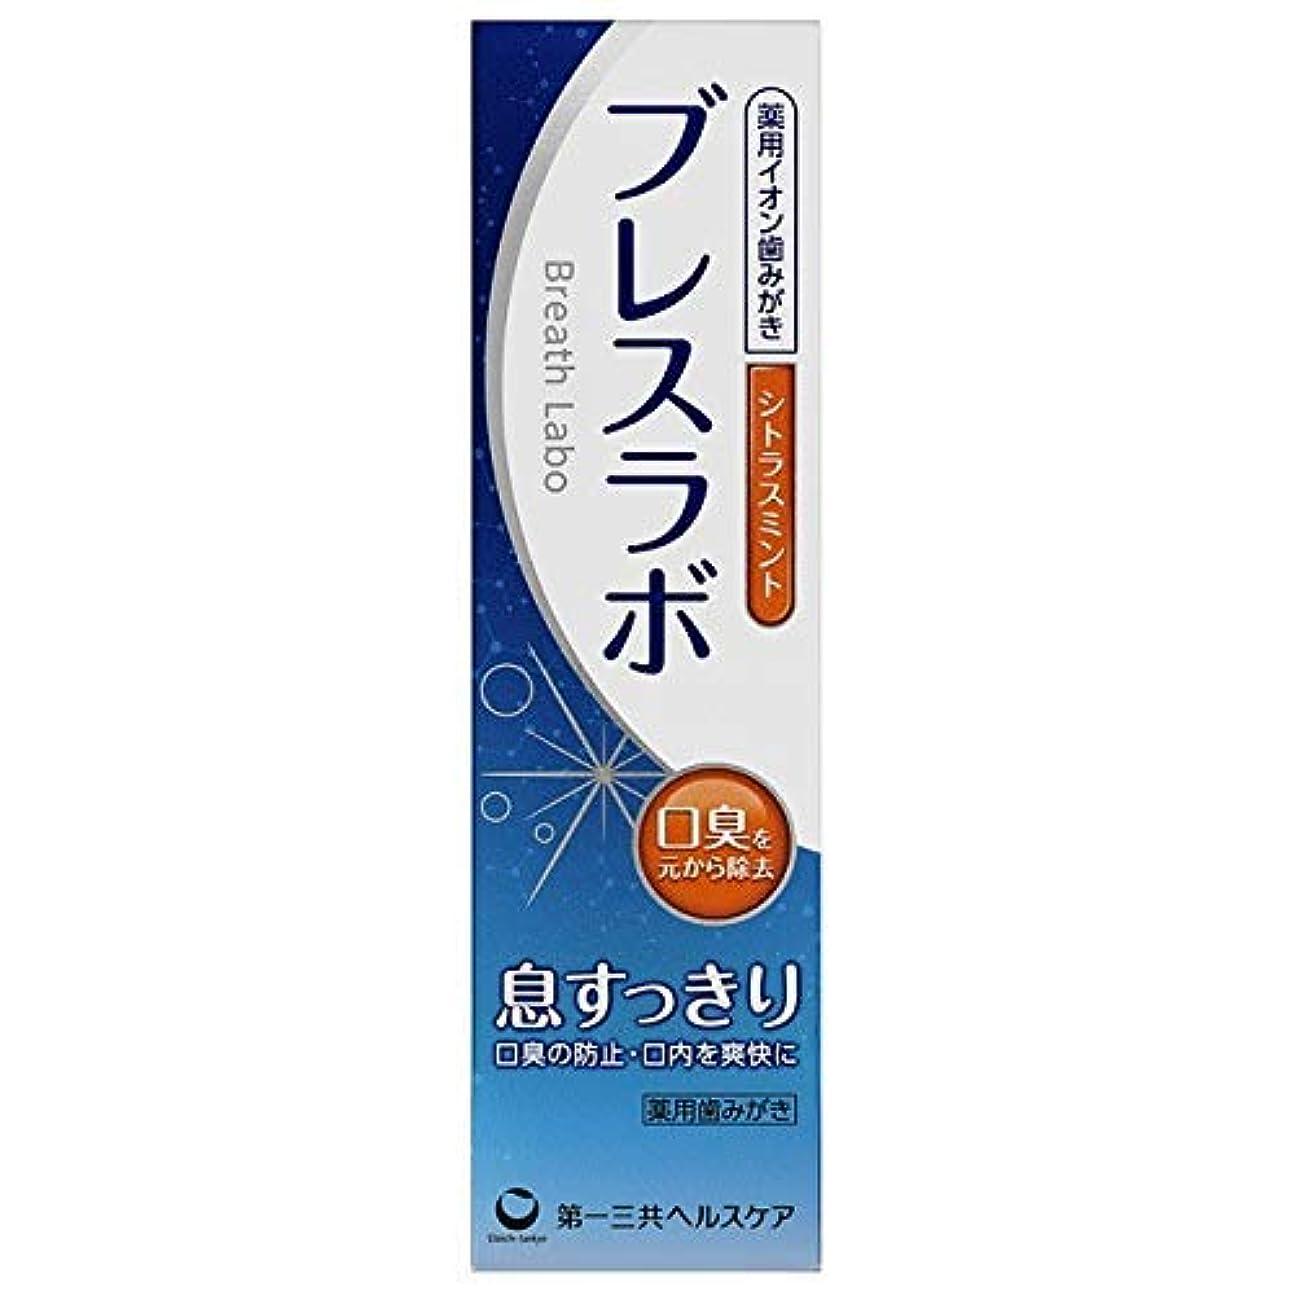 気怠い仮称徴収【6個セット】ブレスラボ シトラスミント 90g